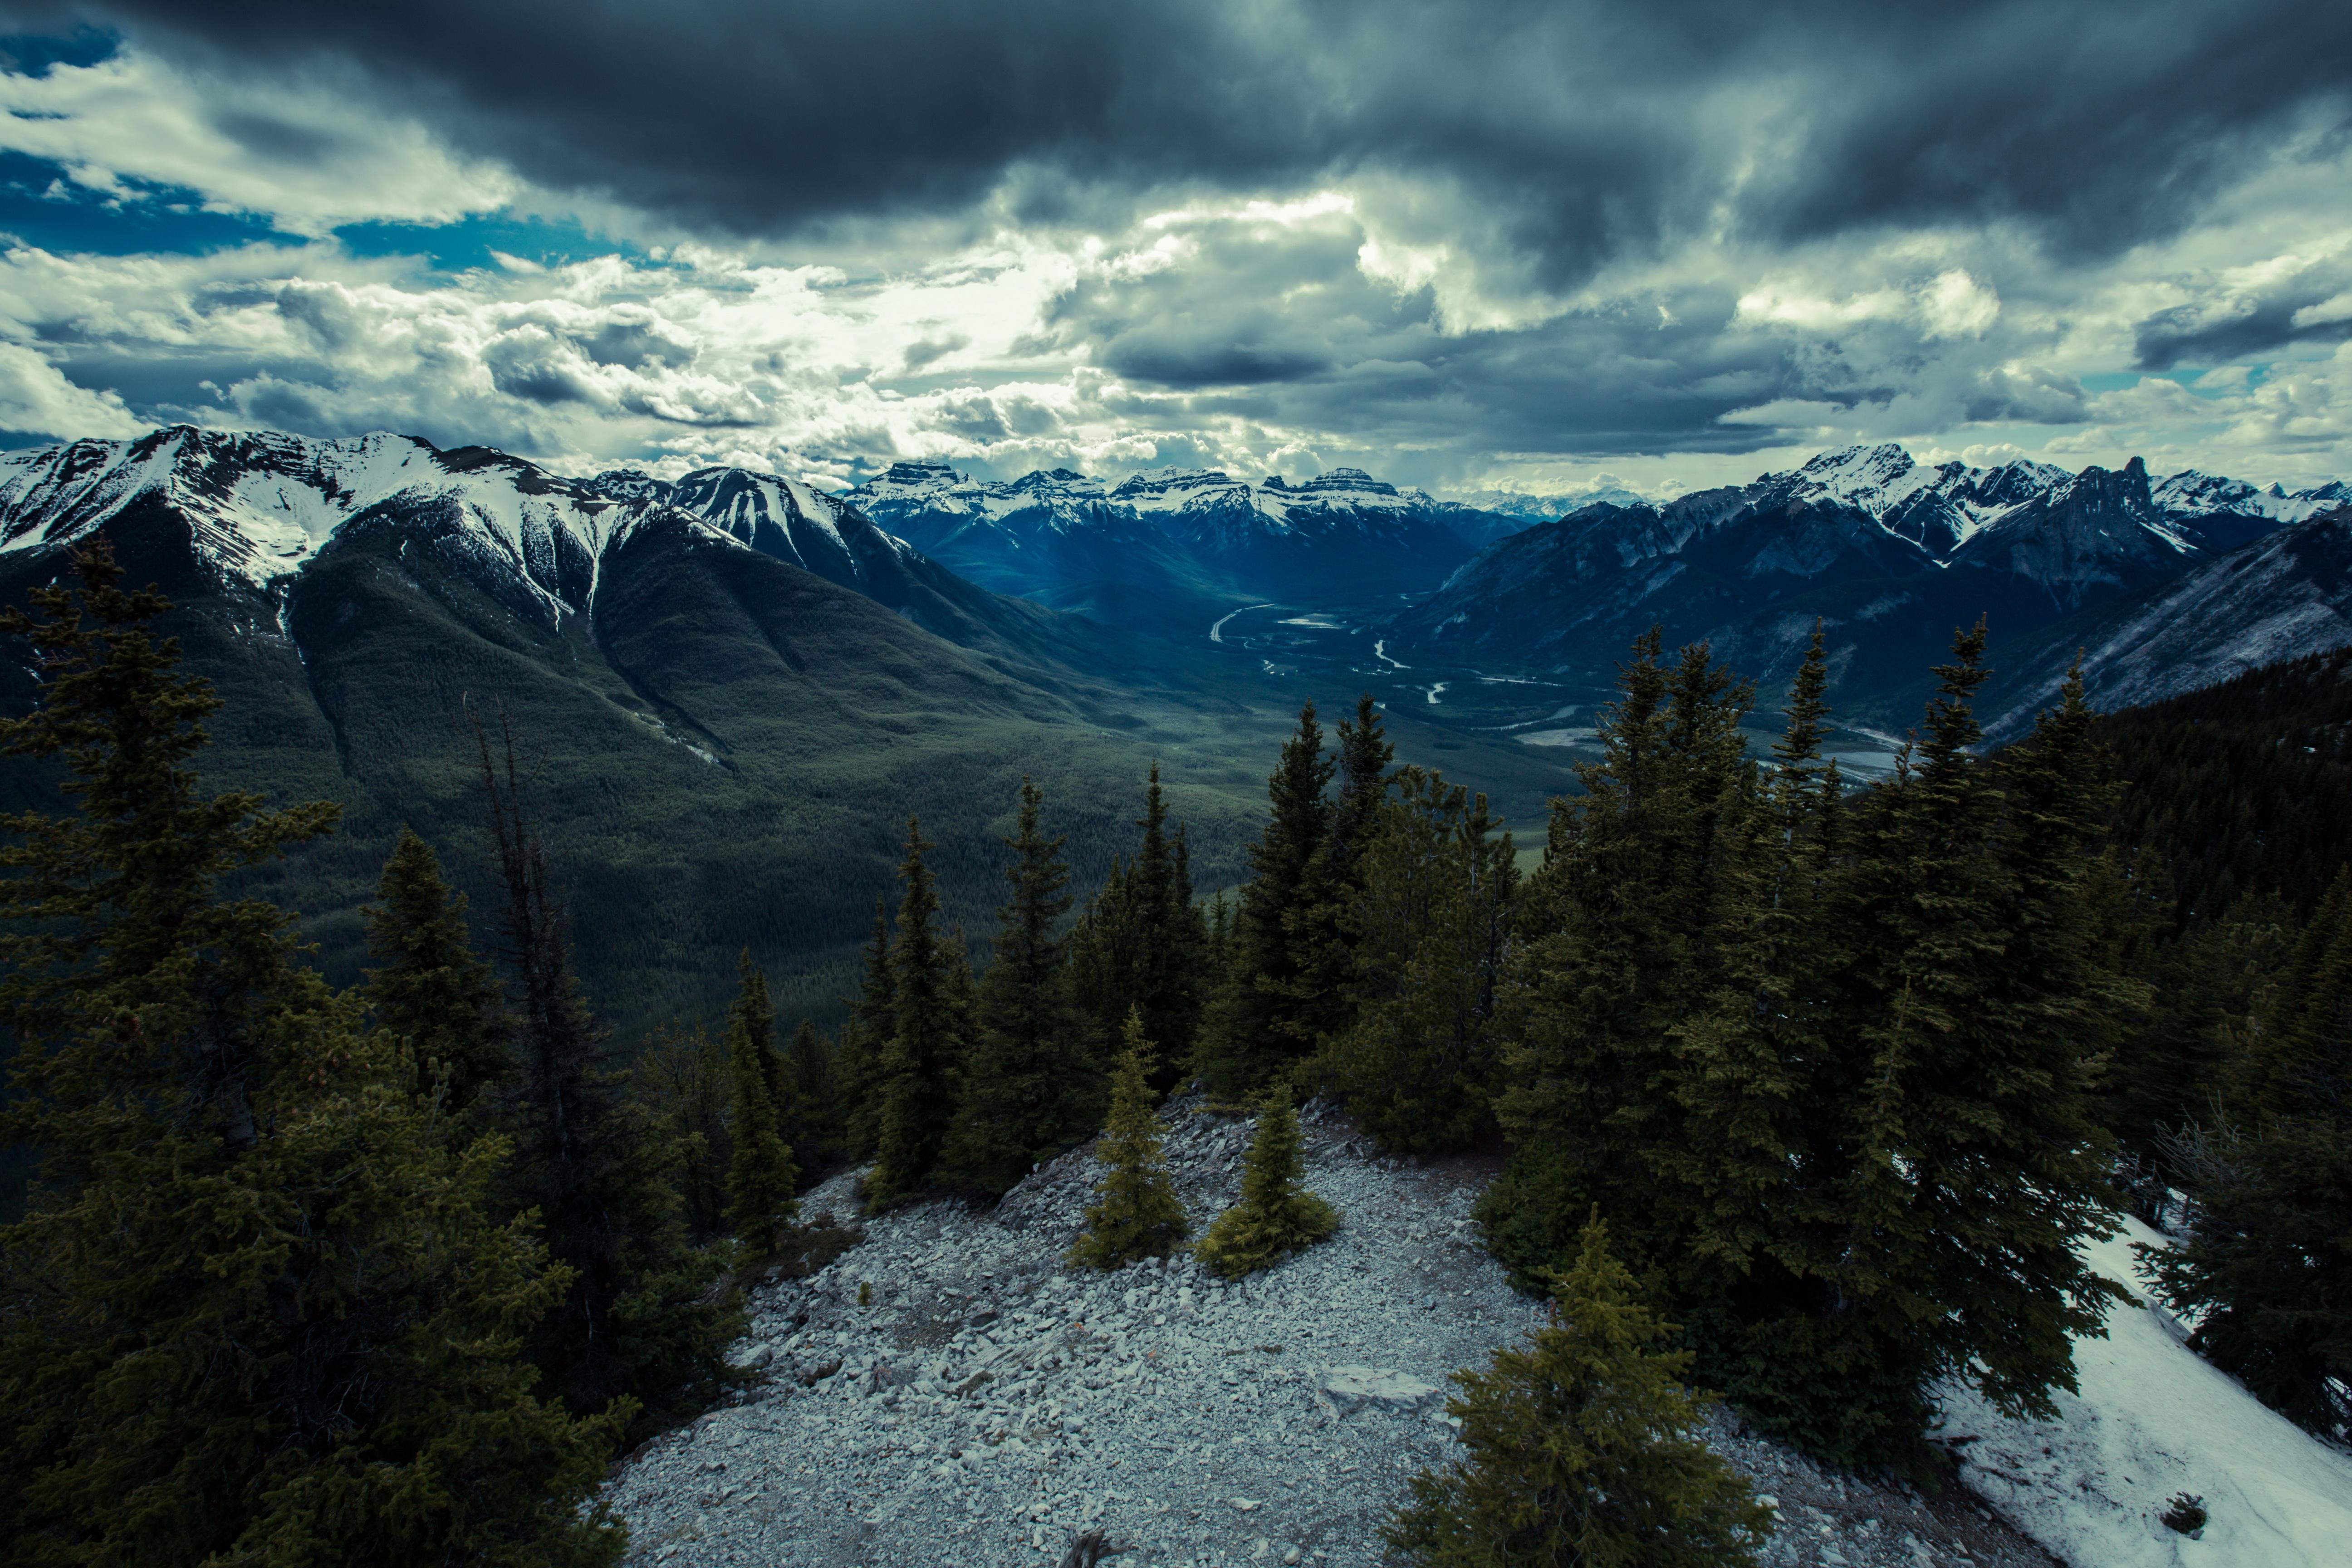 mountain ridge landscap eye - HD1200×800